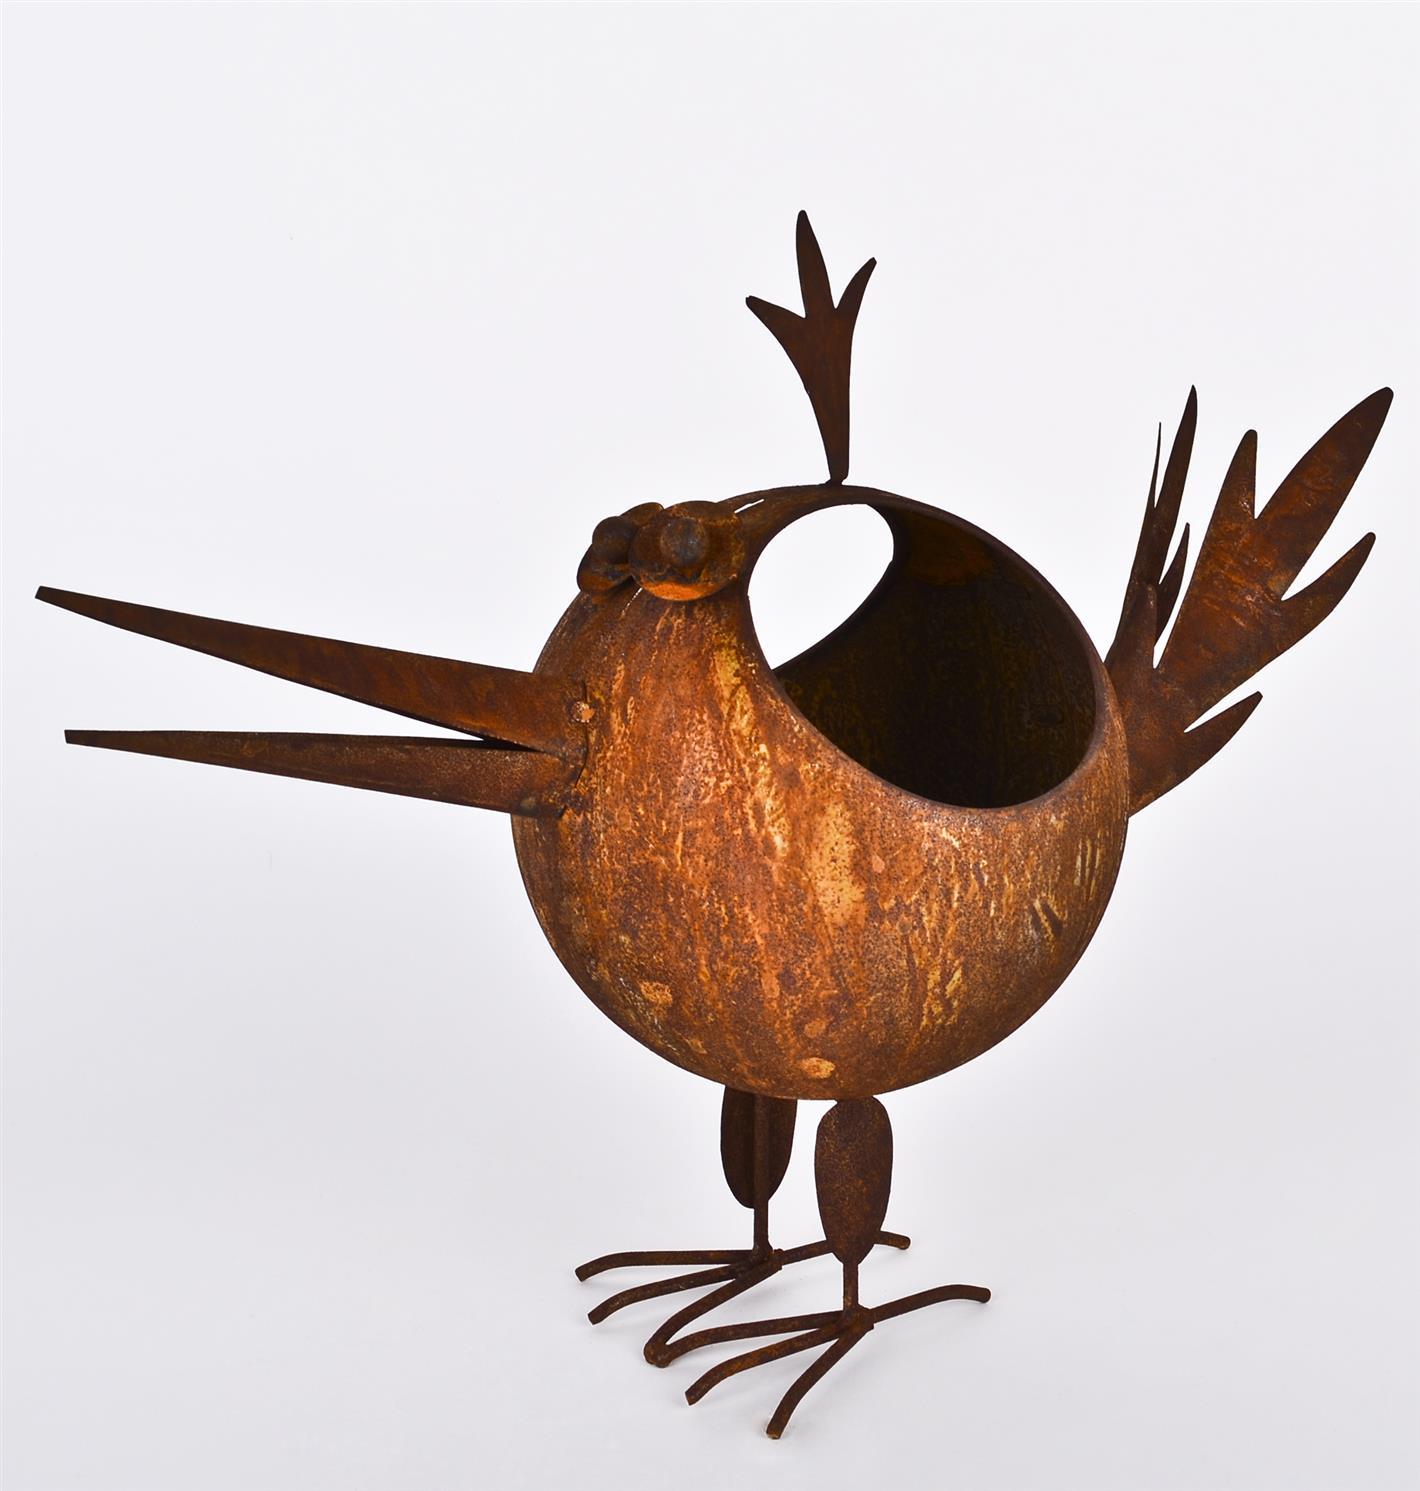 Dekofigur vogel willi tierfigur metall gartendeko for Gartendeko metall vogel